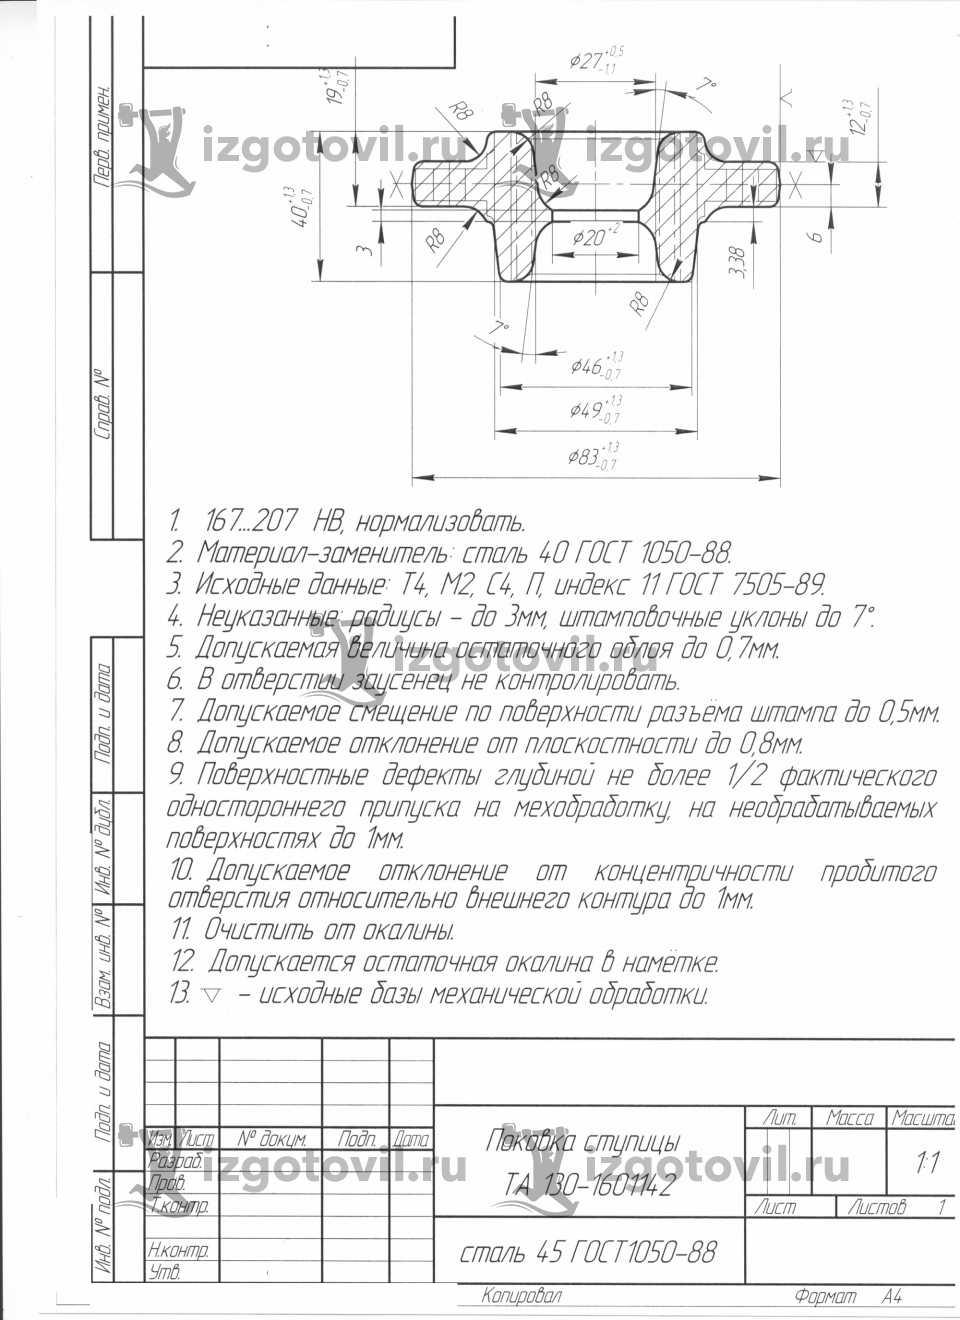 Изготовление деталей по чертежам - изготовление ступиц